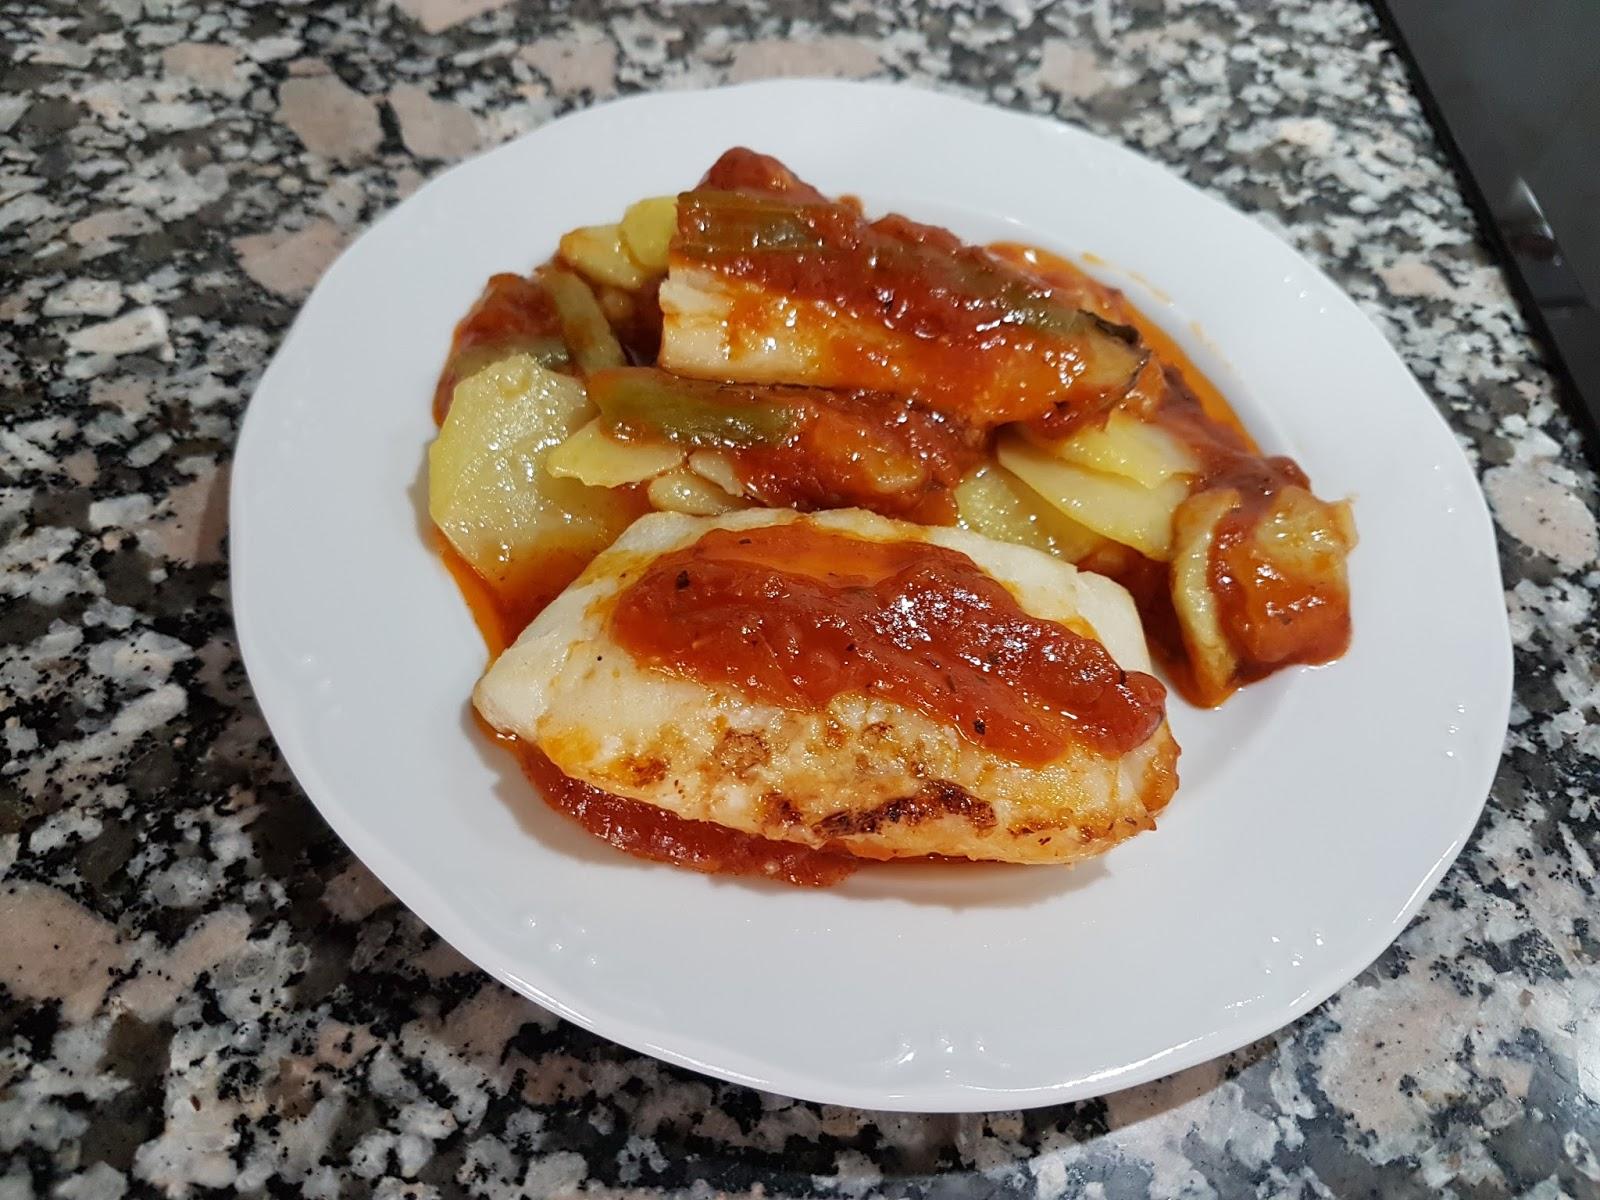 Recetas de toda la vida cocinar sencillo como me ense for Como cocinar lomos de bacalao